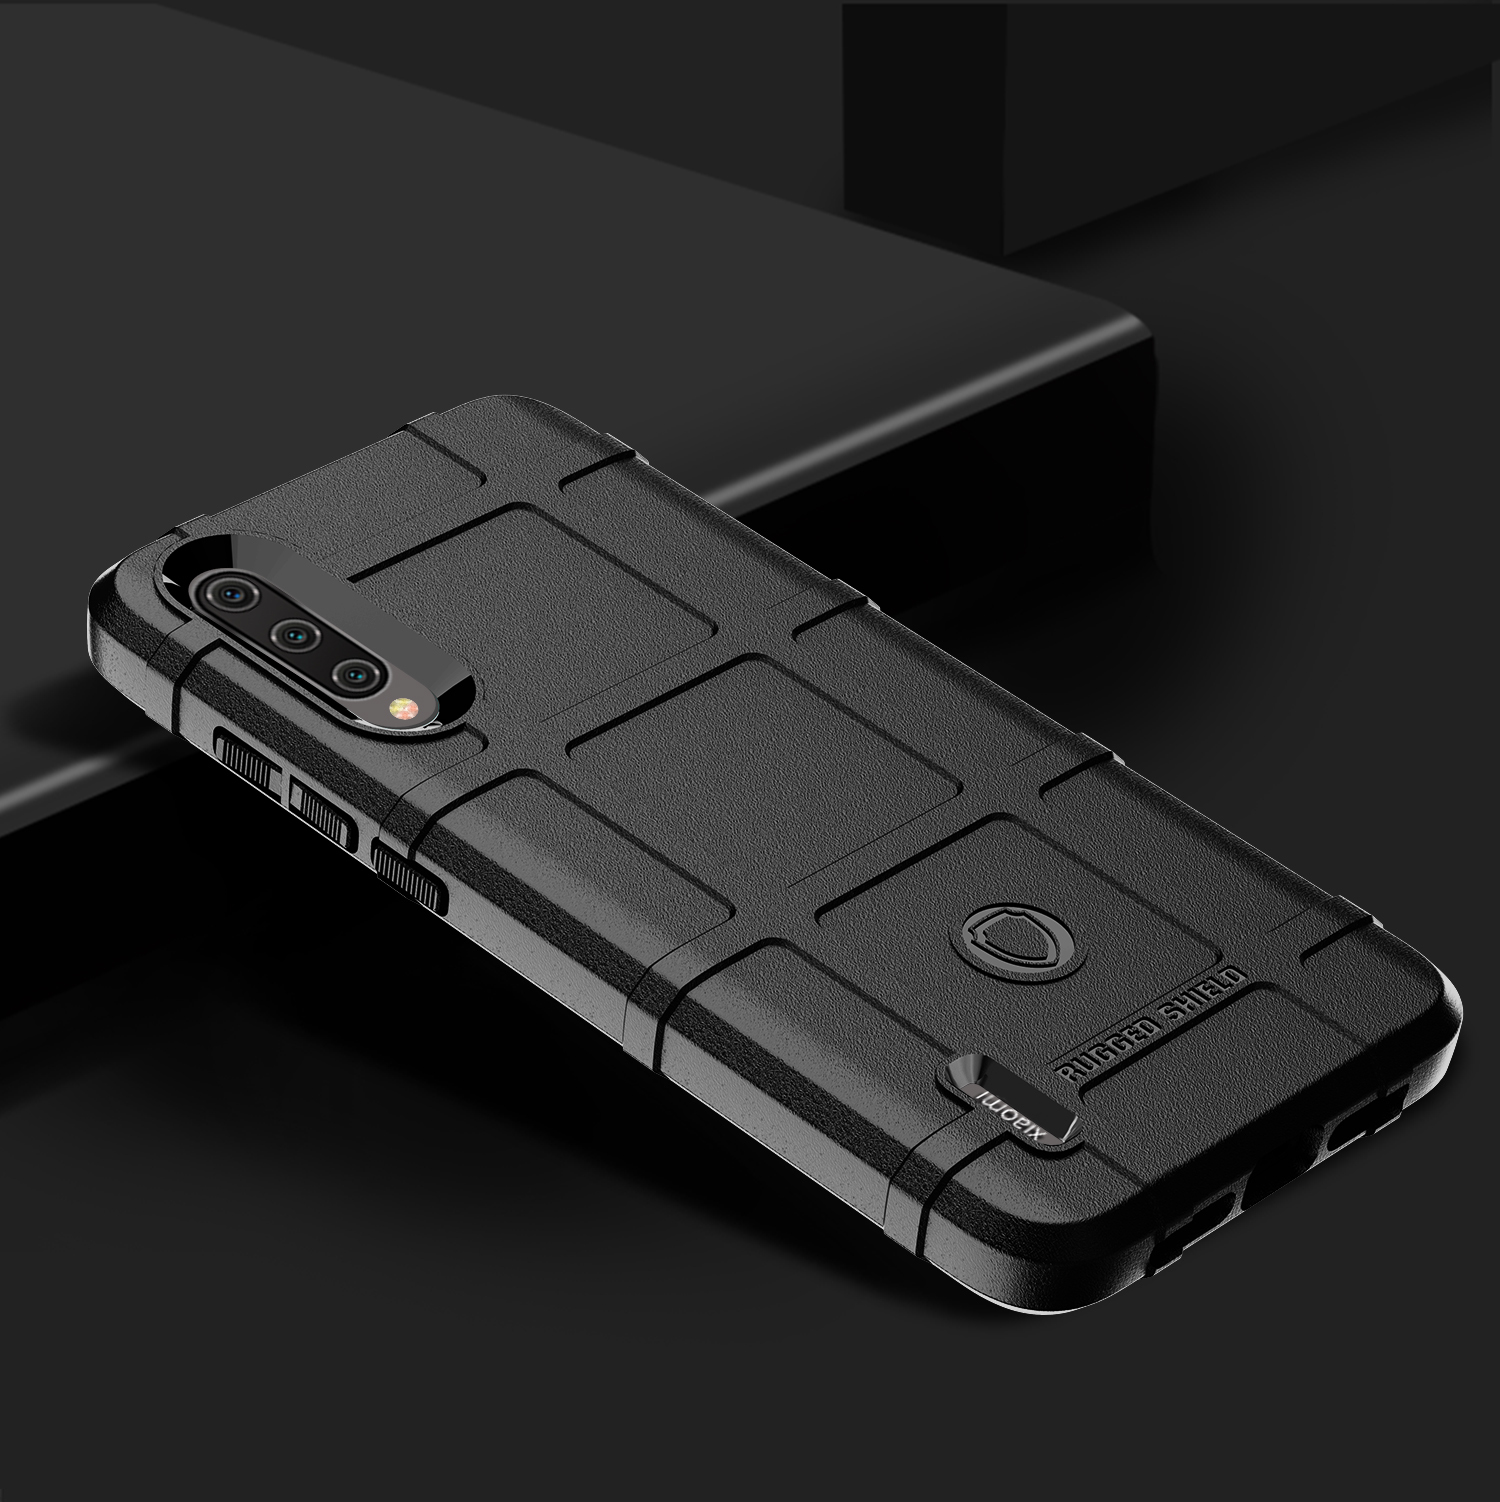 Чехол для Xiaomi Mi 9 Lite (A3 Lite, CC9) цвет Black (черный), серия Armor от Caseport